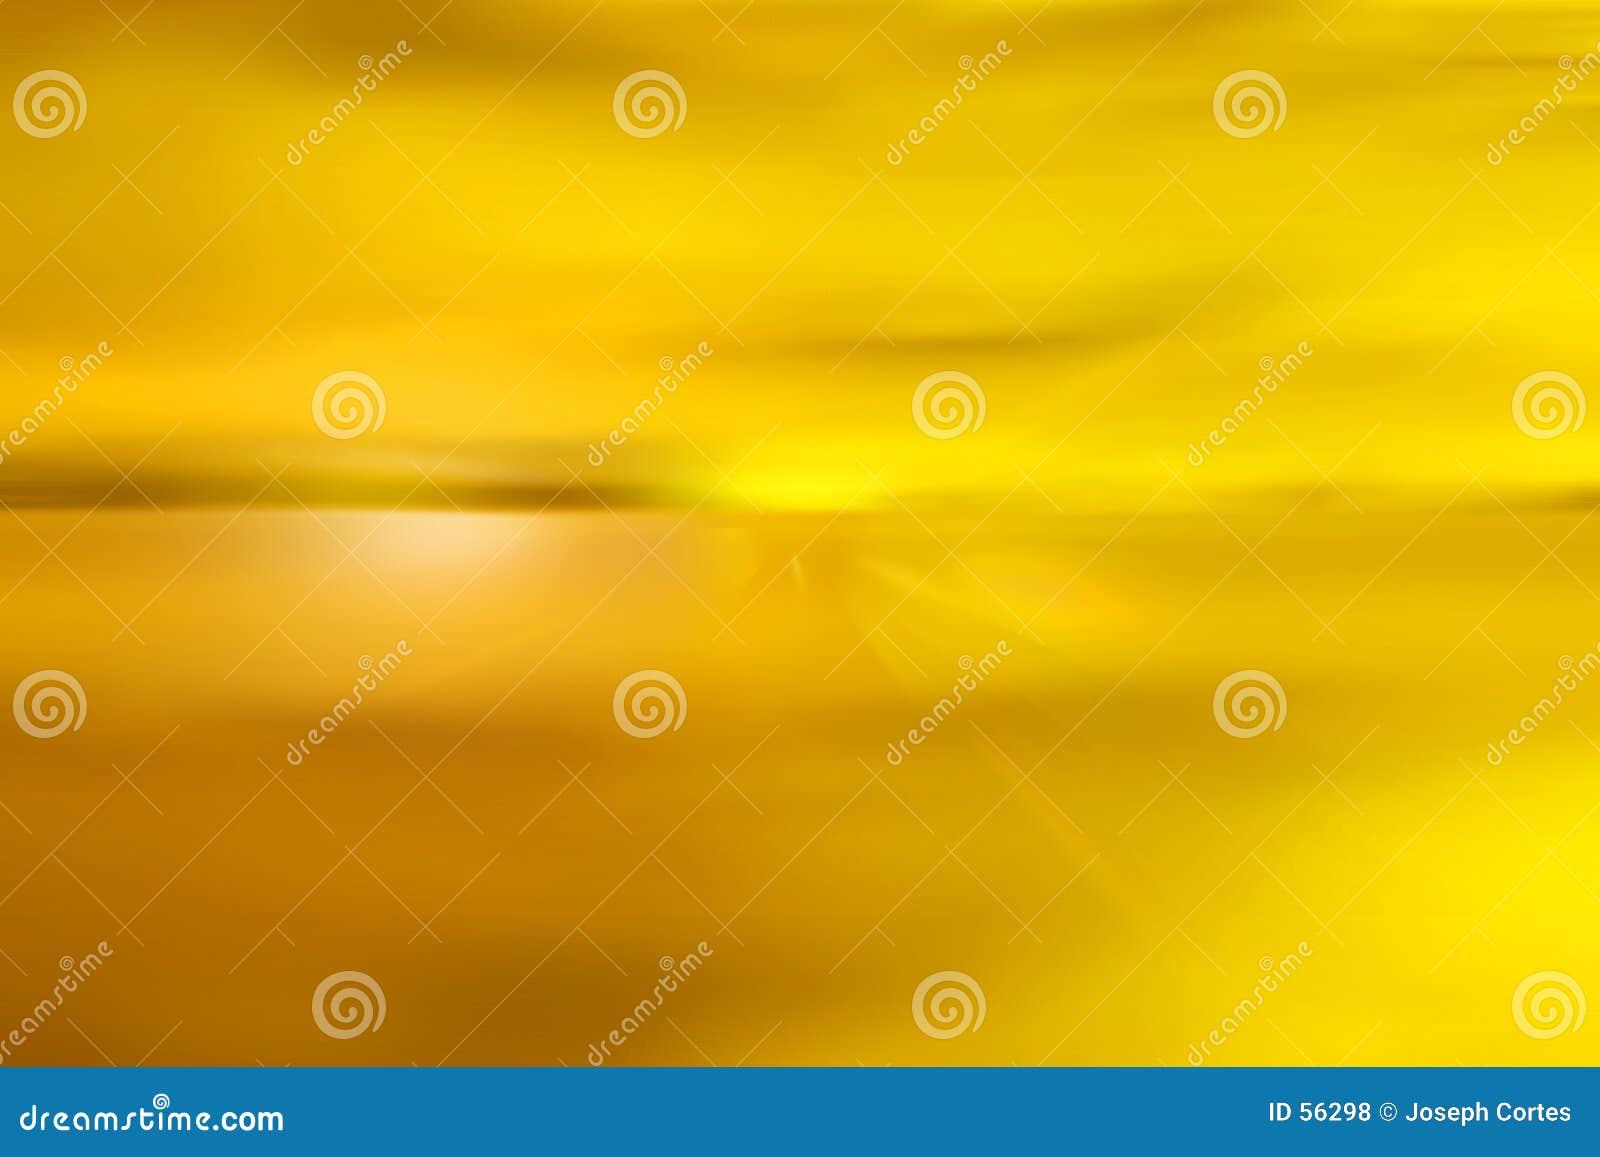 Żółty abstrakcyjne niebo